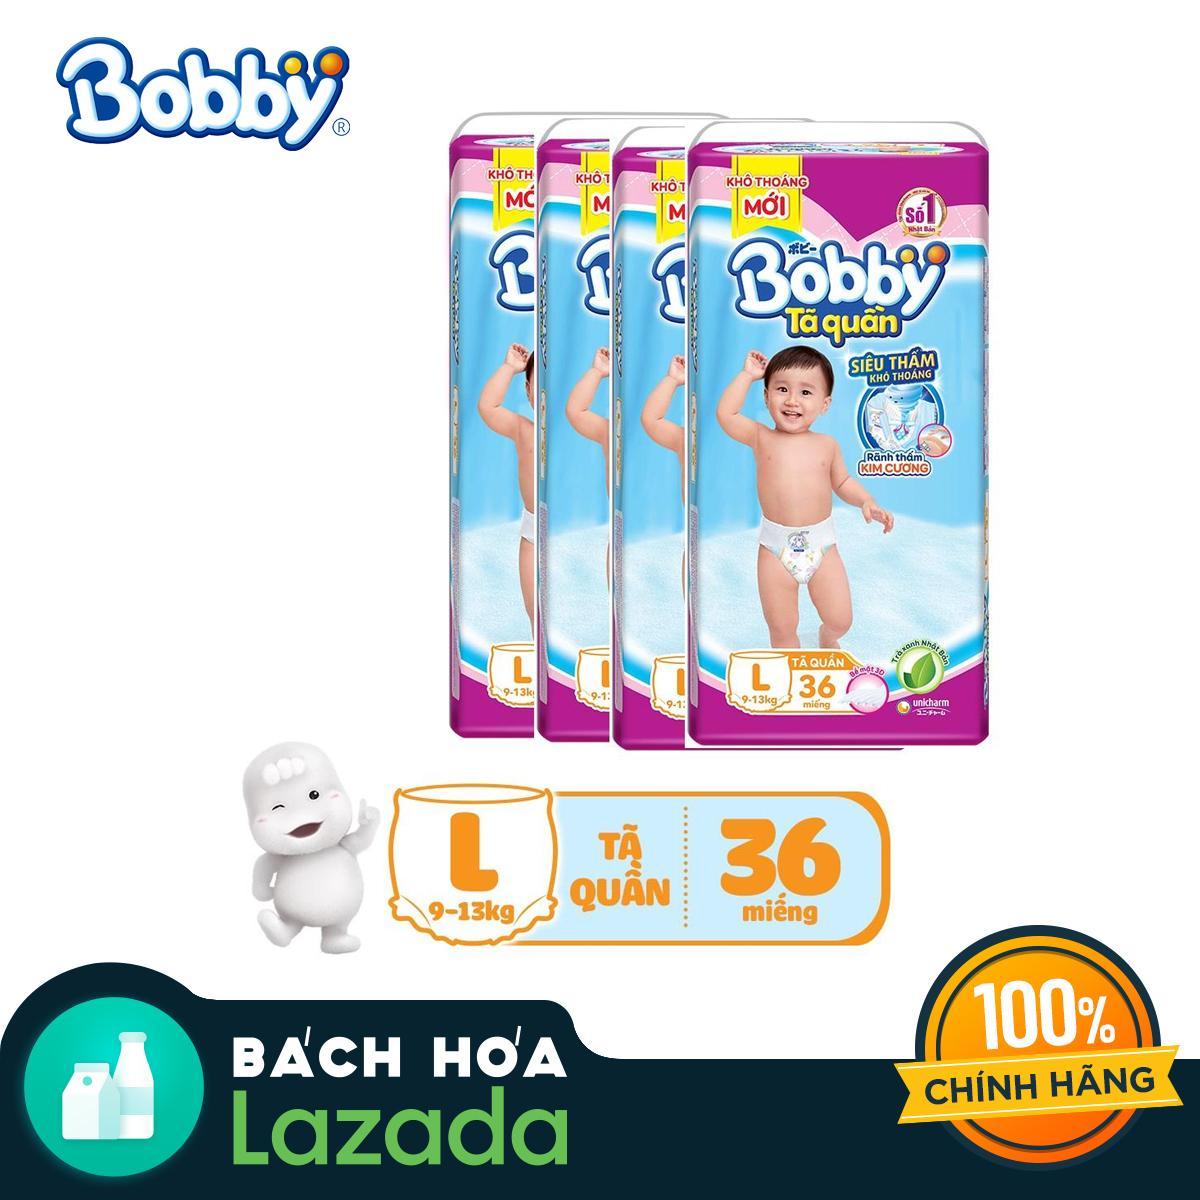 Bộ 4 Tã/bỉm quần Bobby Siêu thấm L36 (9-13kg)